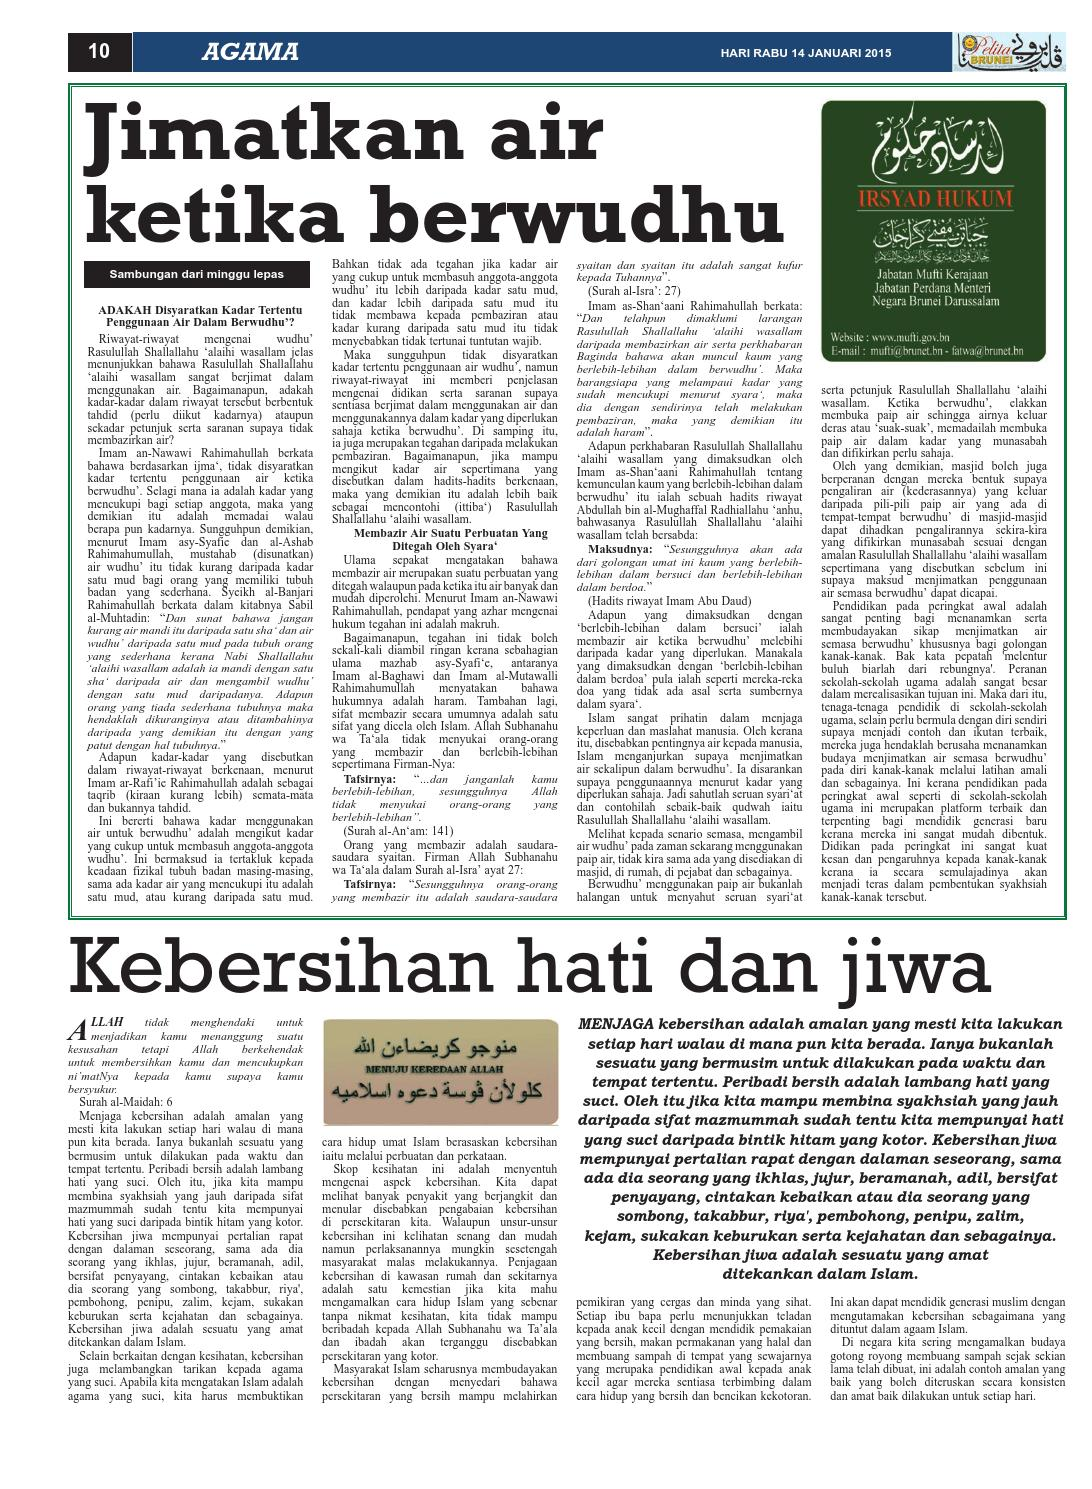 Pelita Brunei Rabu 14 Jan 2015 By Putera Katak Brunei Issuu